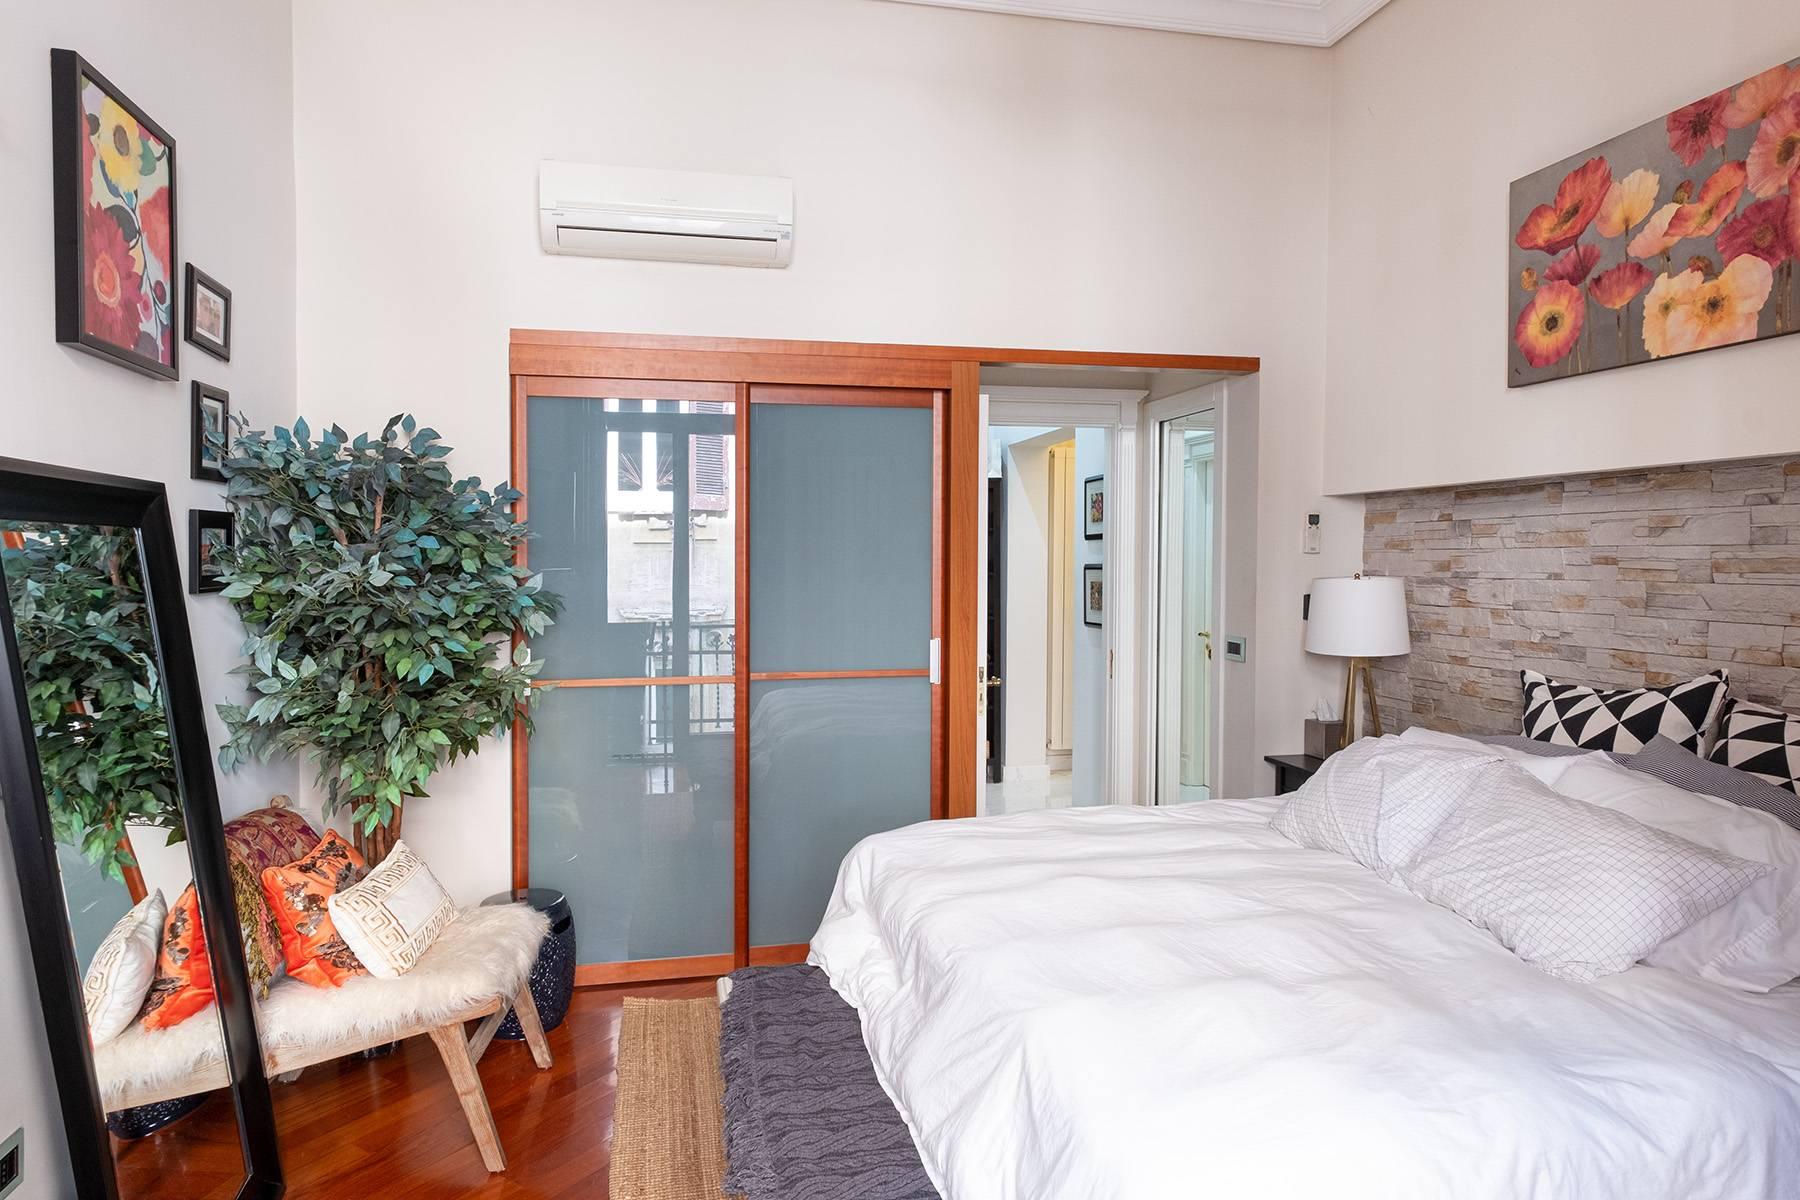 Appartamento in Vendita a Napoli: 5 locali, 120 mq - Foto 17